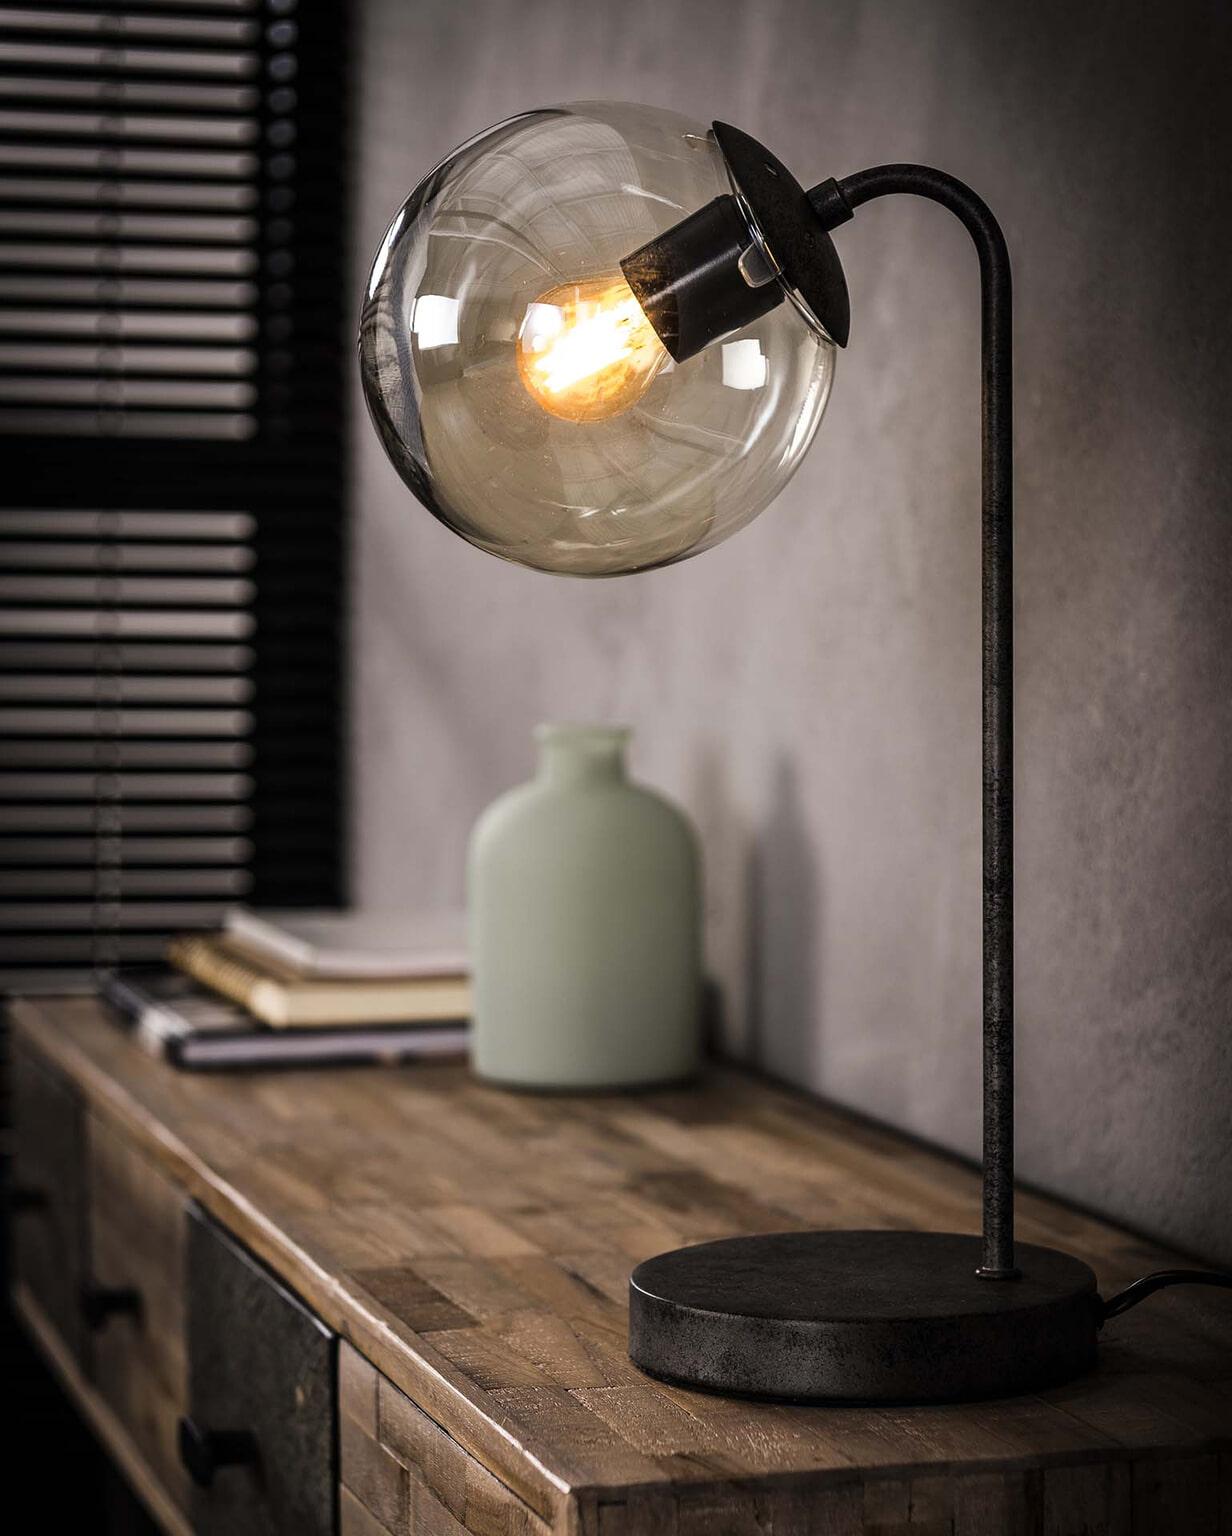 Bekend Tafellamp Kemal met glazen bol   Meubelpartner @PP05